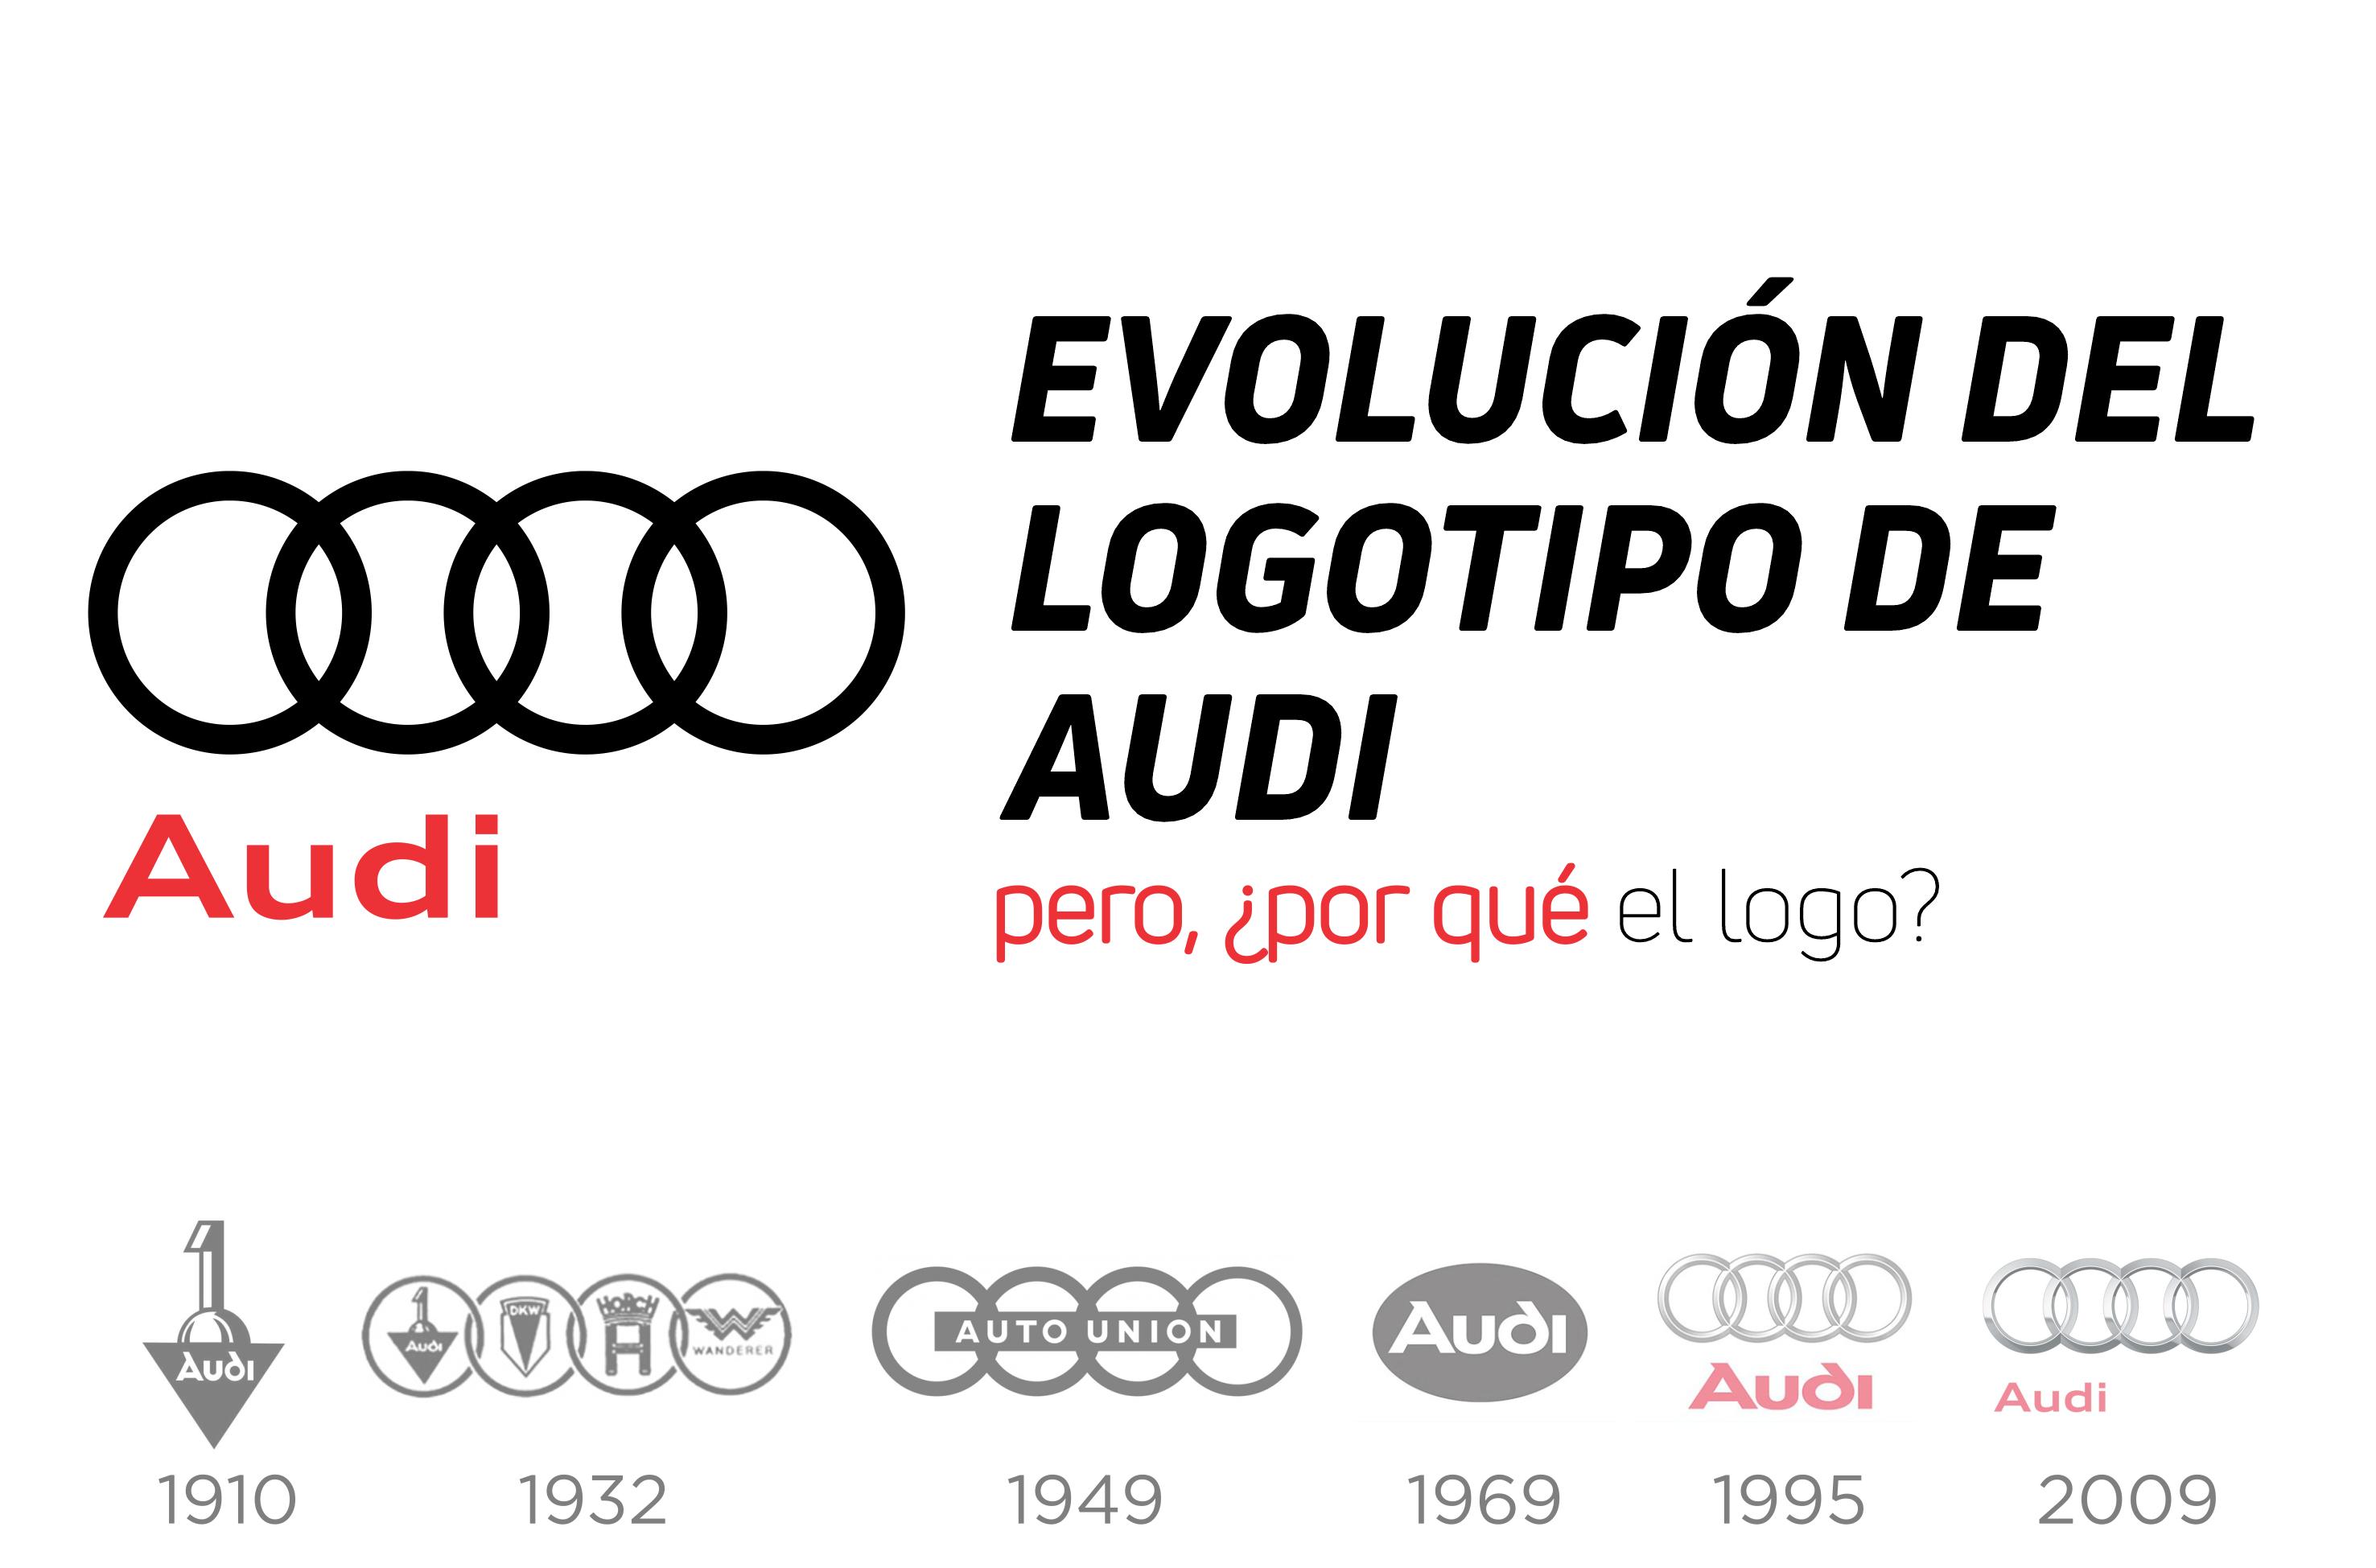 evolucion logo audi rebranding